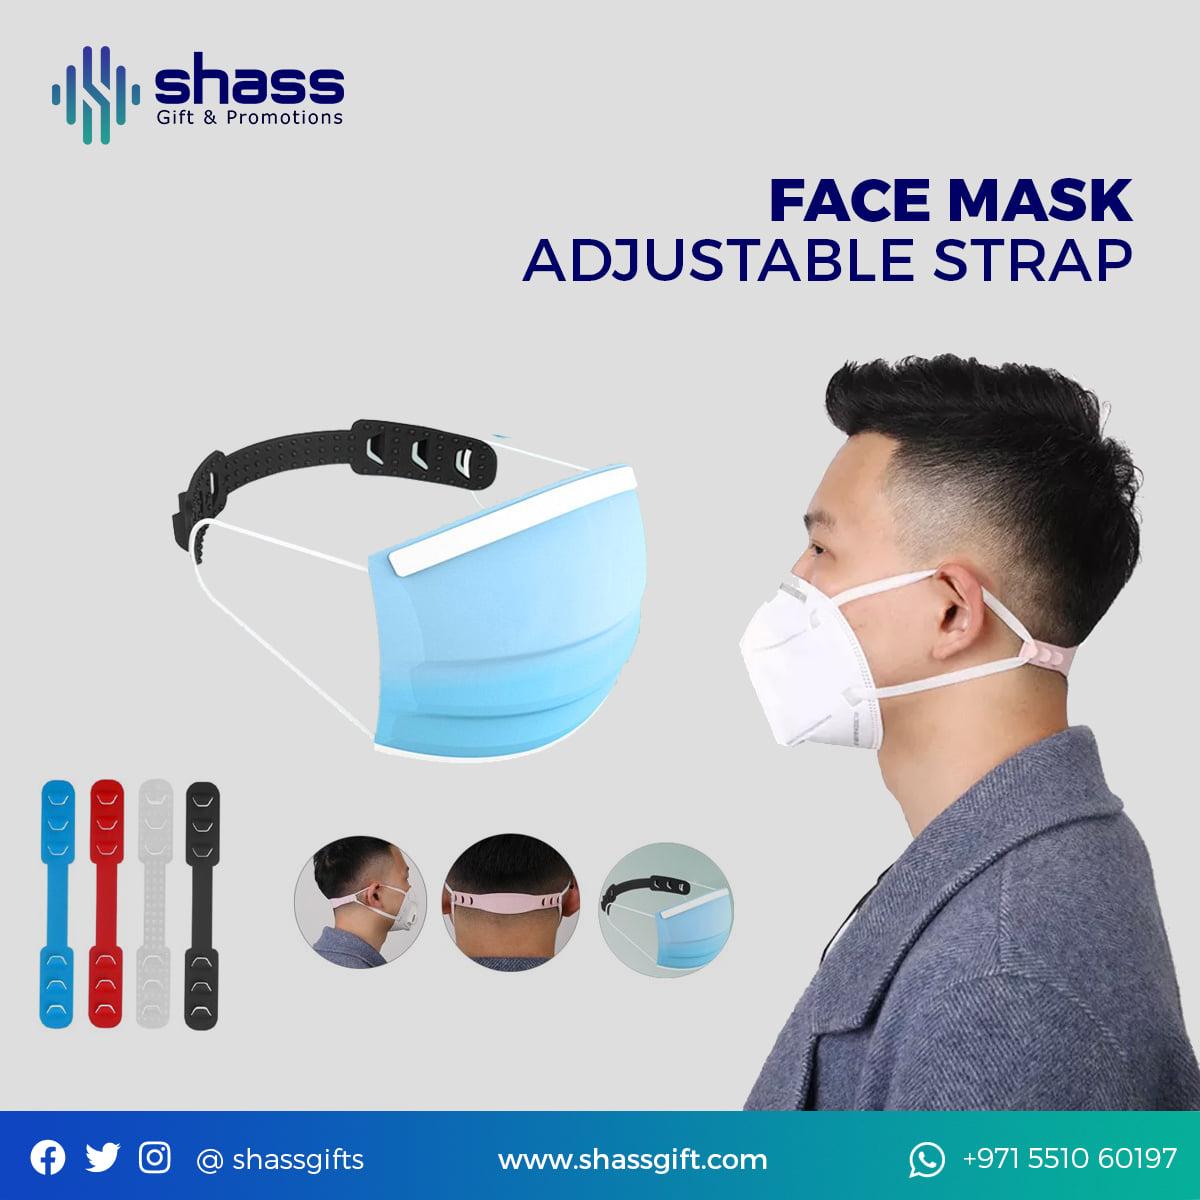 Face Mask Adjustable Strap